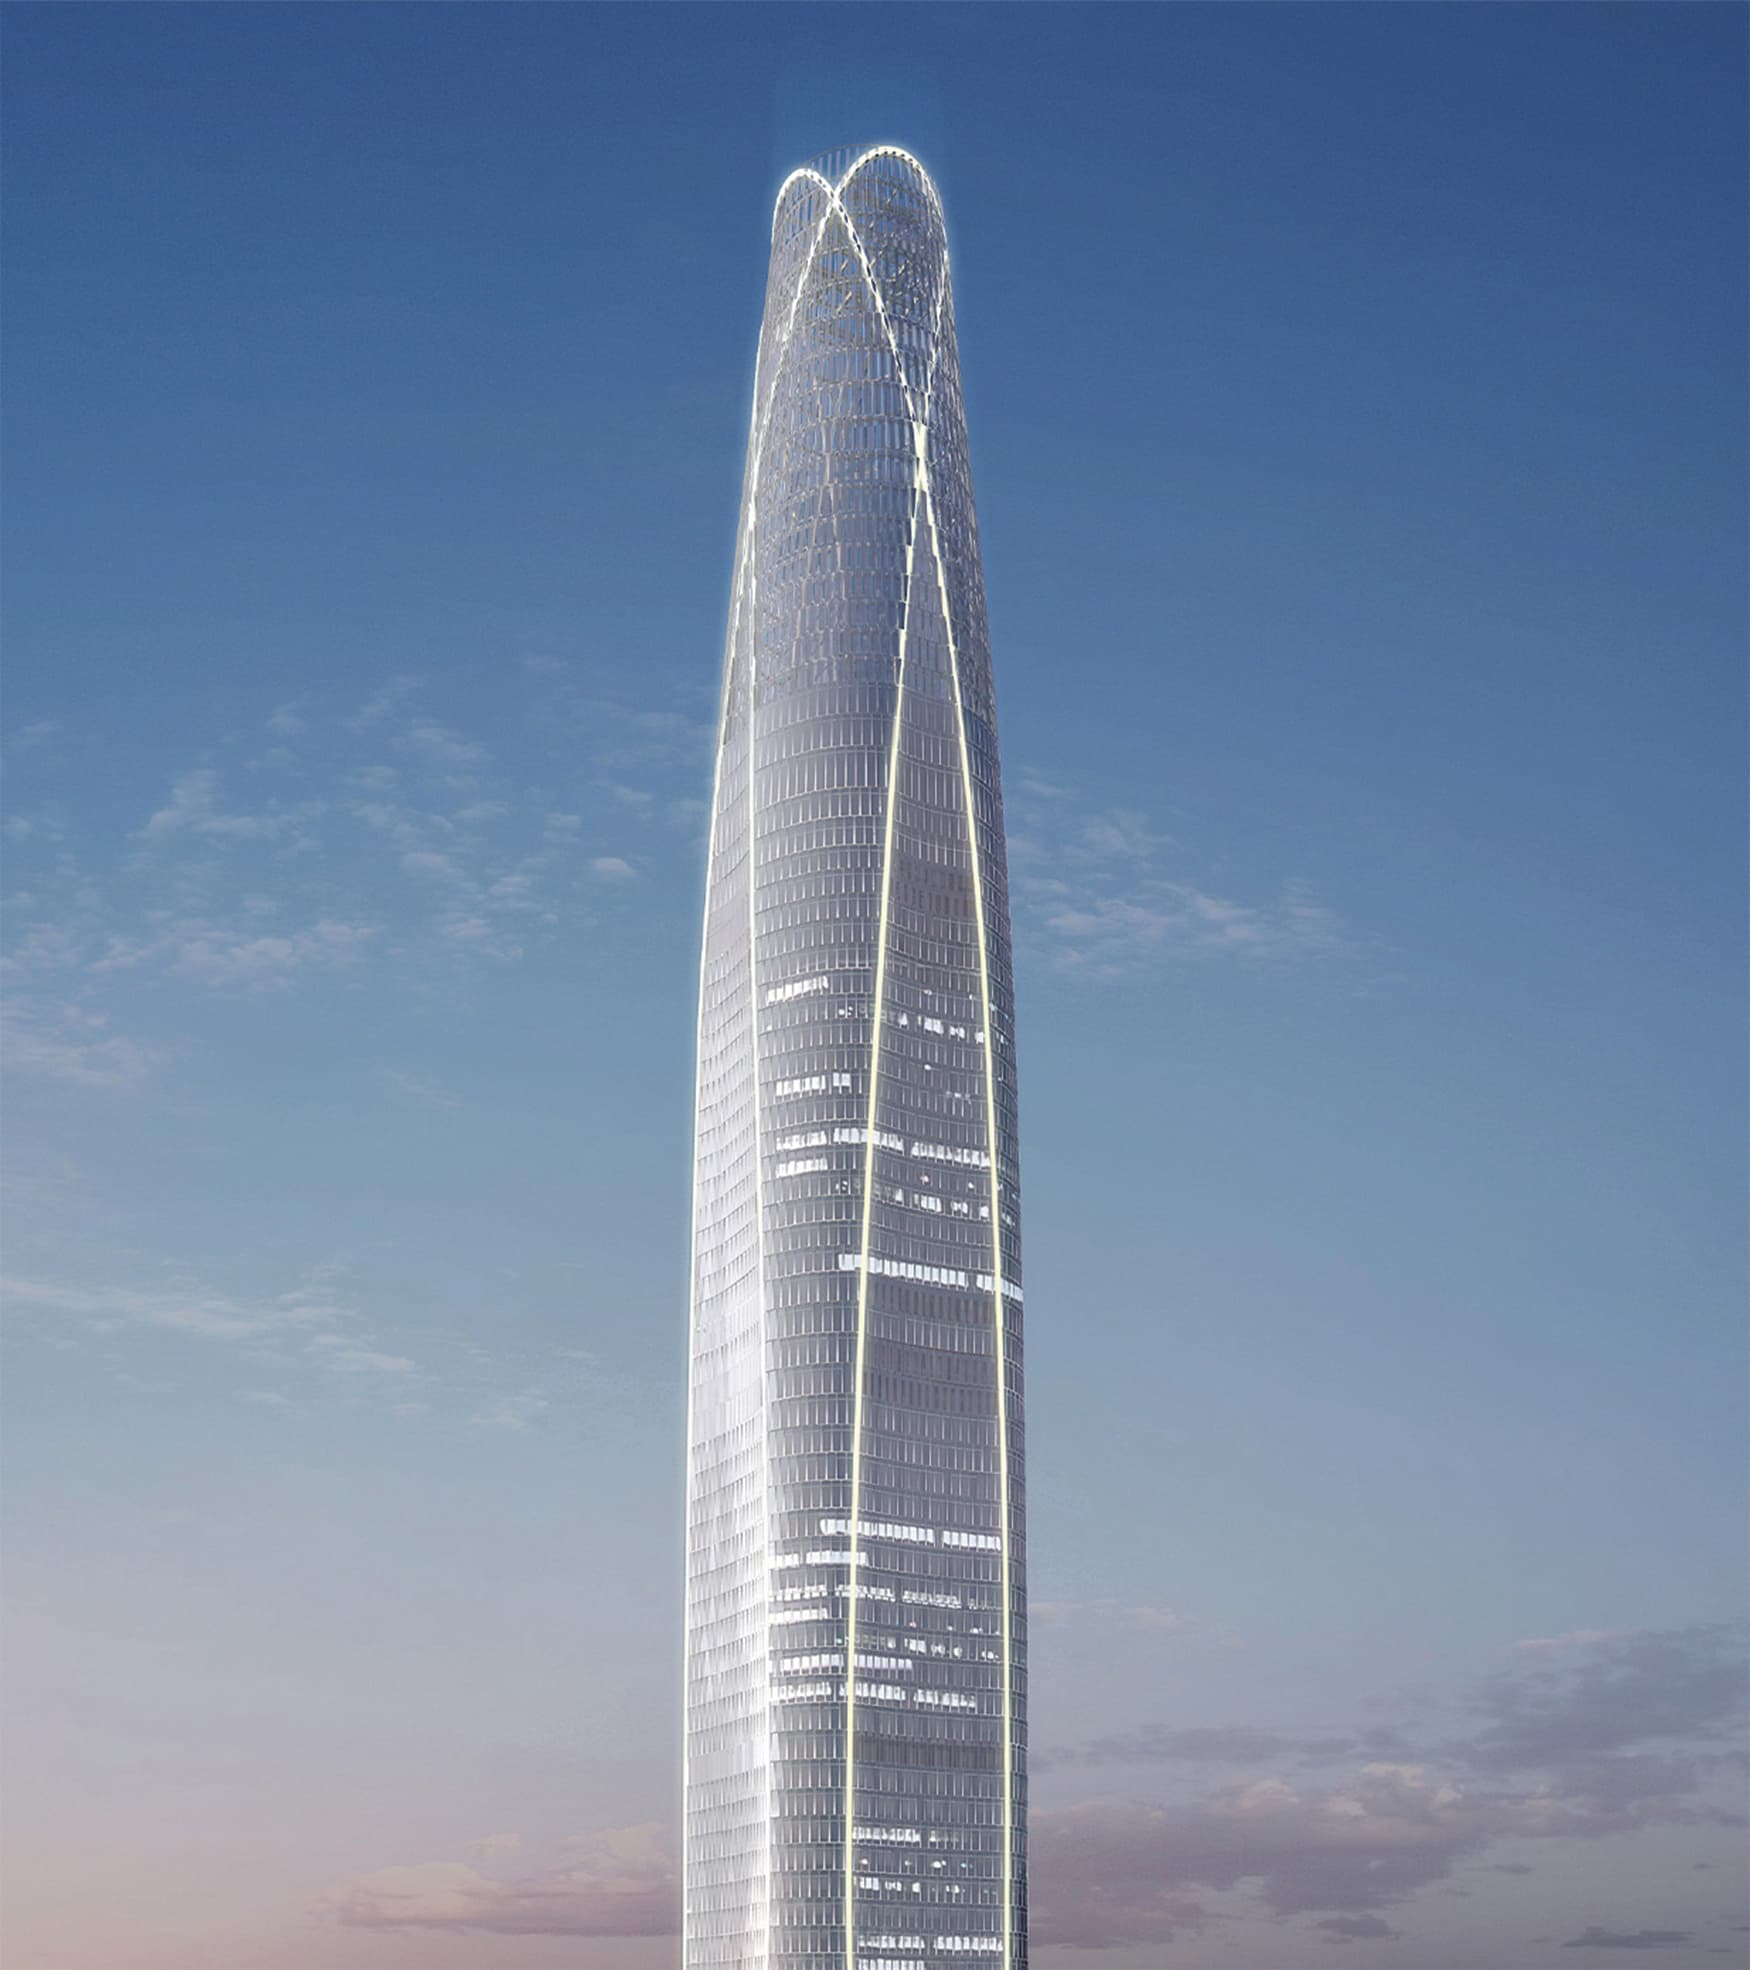 K11, located in Tianjin, China, is a super high-rise complex development